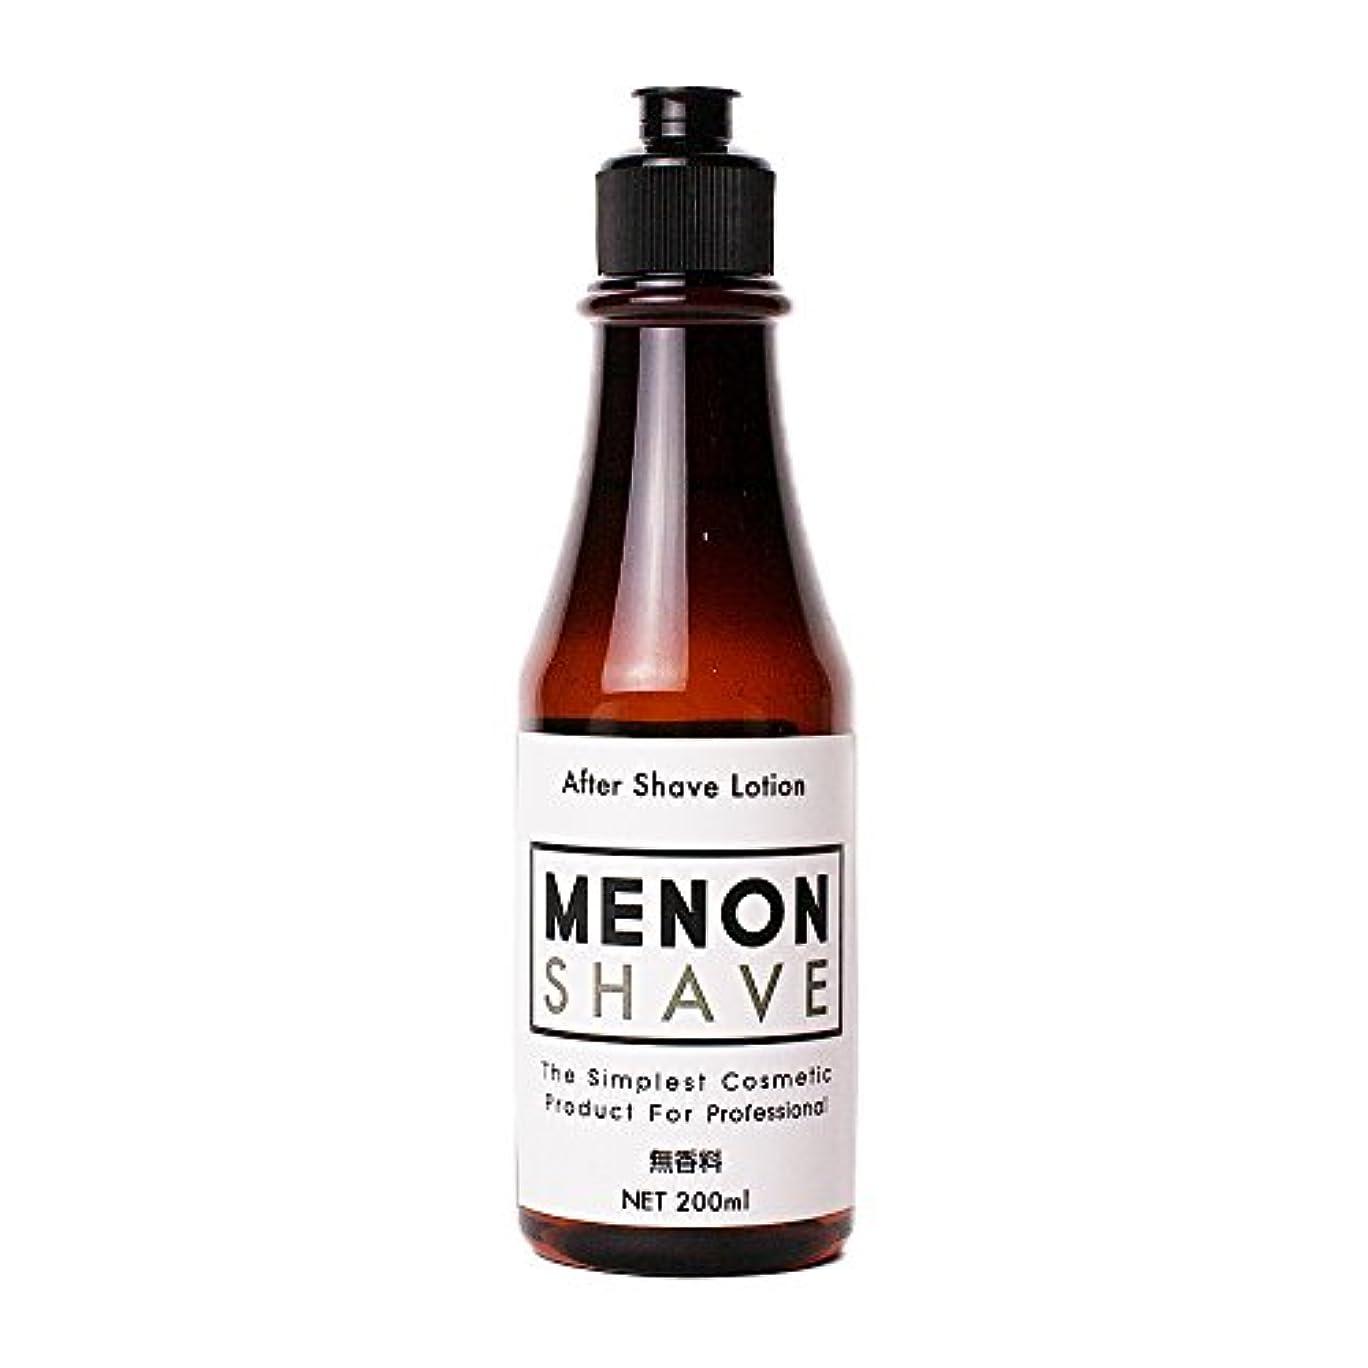 トライアスロン記述するマニアMENON メノン アフターシェーブローション 200ml 青髭対策 濃いひげ 青ひげに 抑毛効果の期待できる植物エキス配合